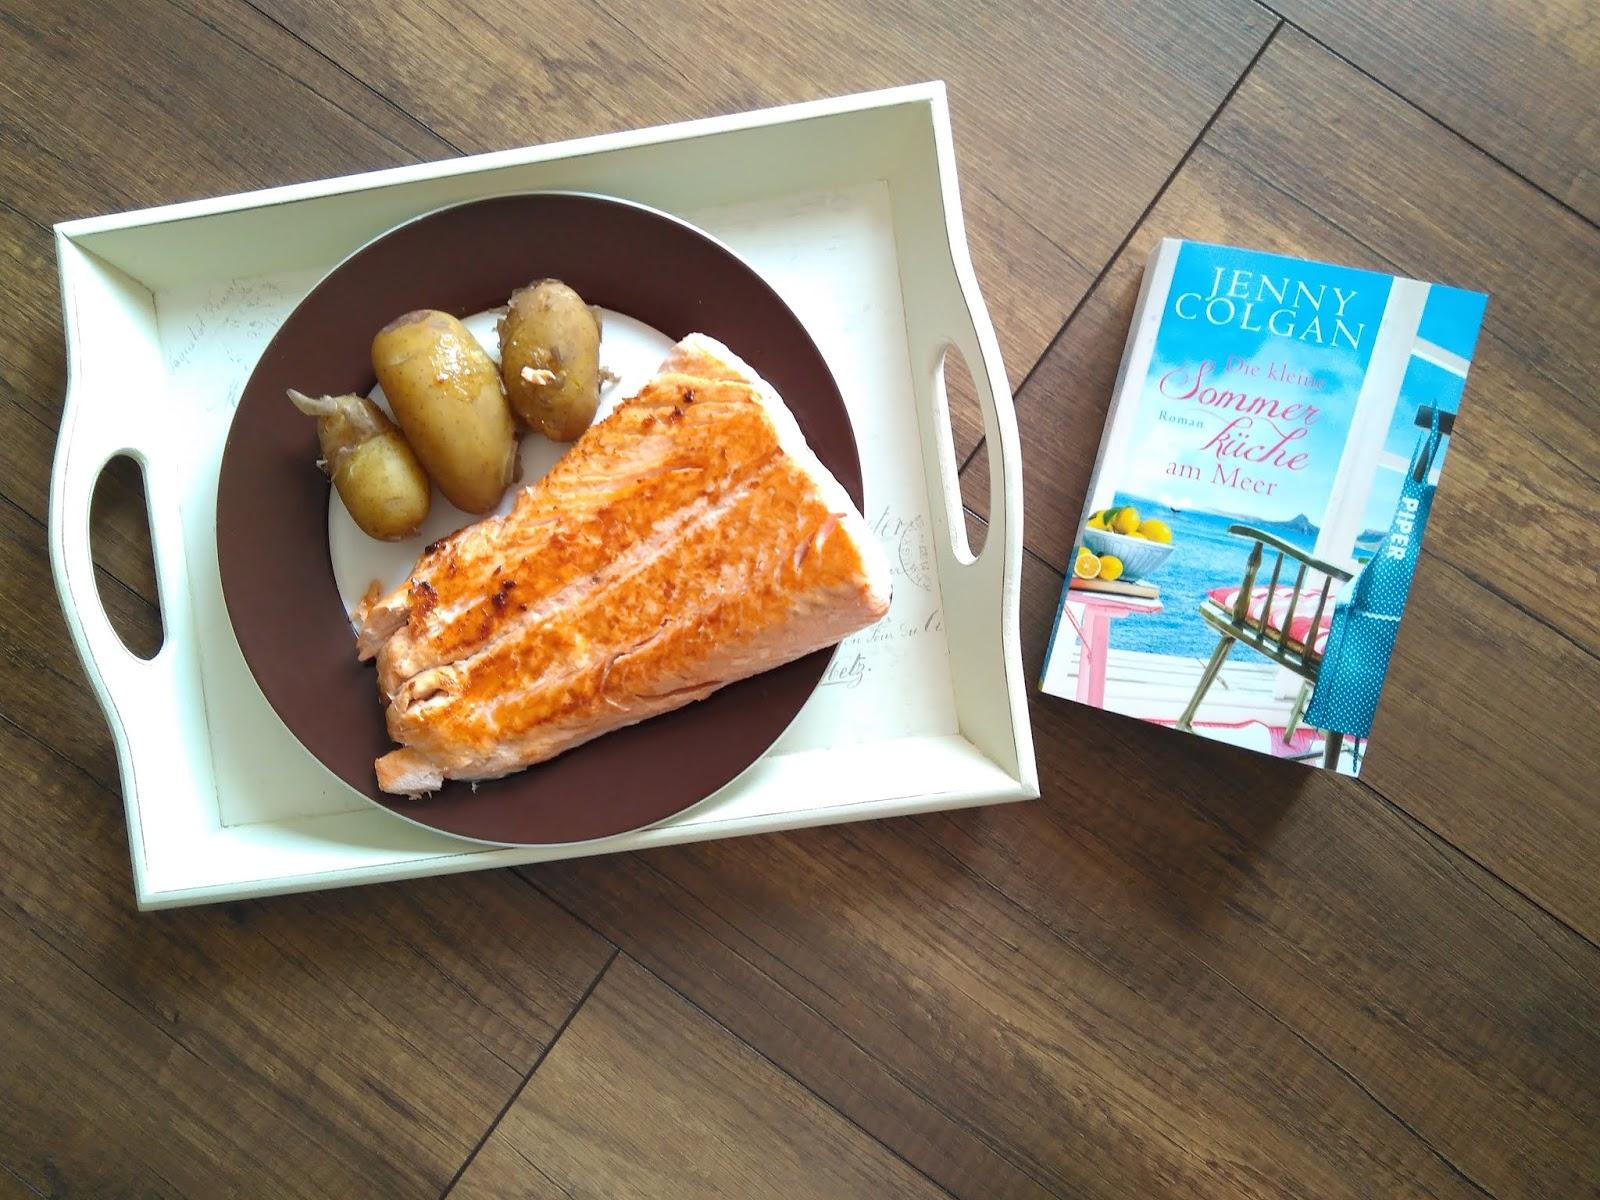 Jenny Colgan Sommerküche : Der duft von büchern und kaffee: mädelsabend